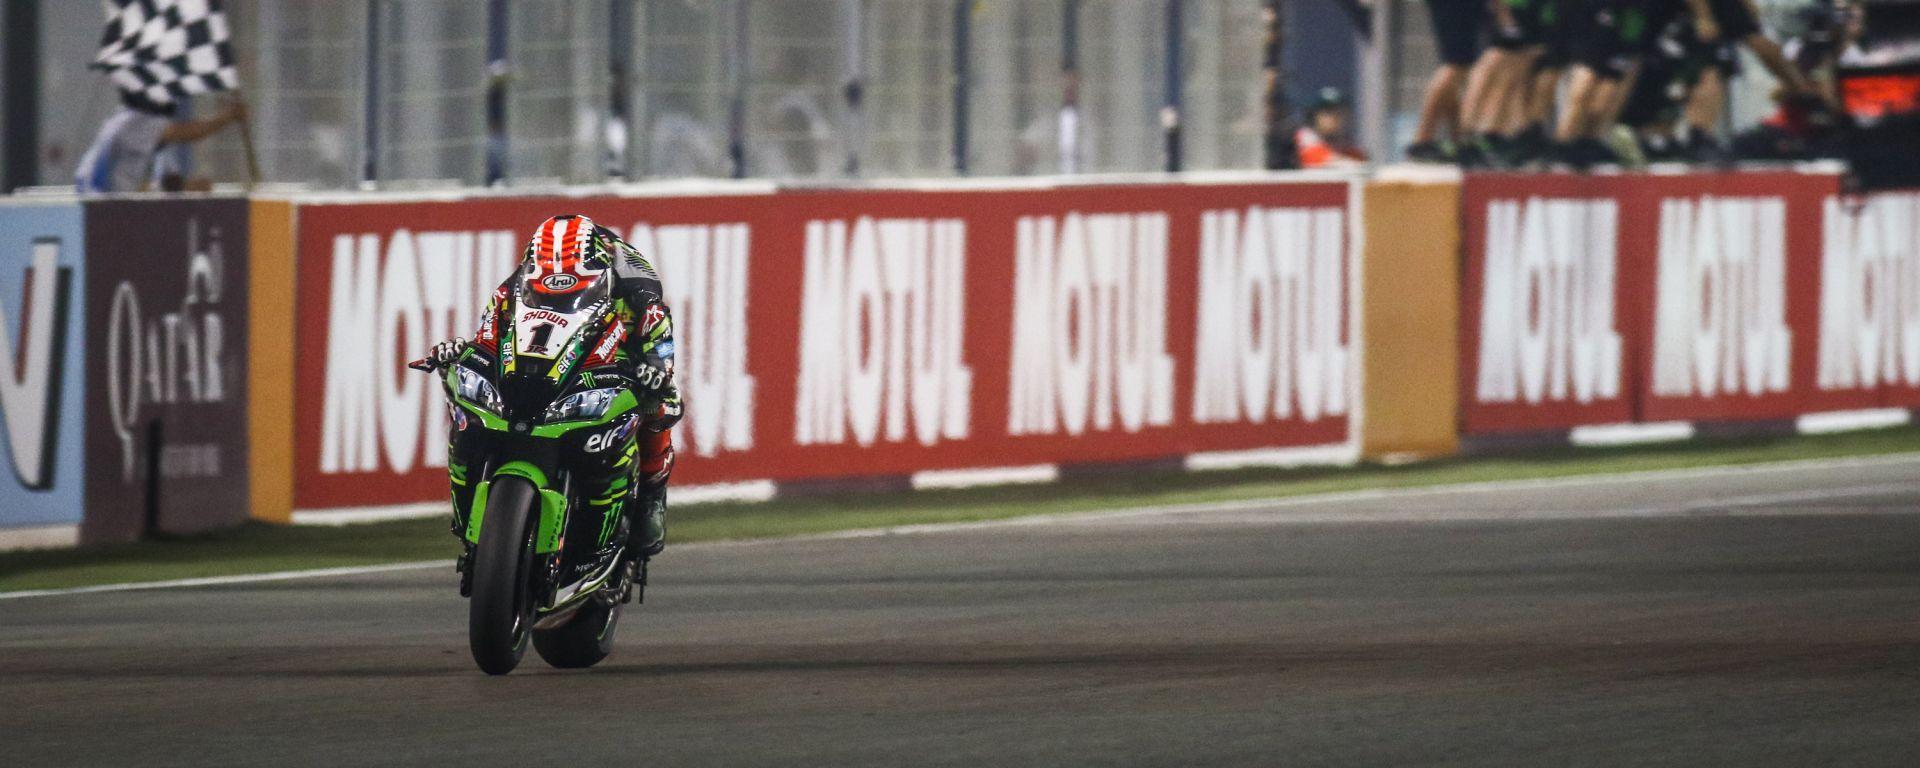 World Superbike 2019, round Losail, Qatar: Jonathan Rea (Kawasaki) vince gara-2